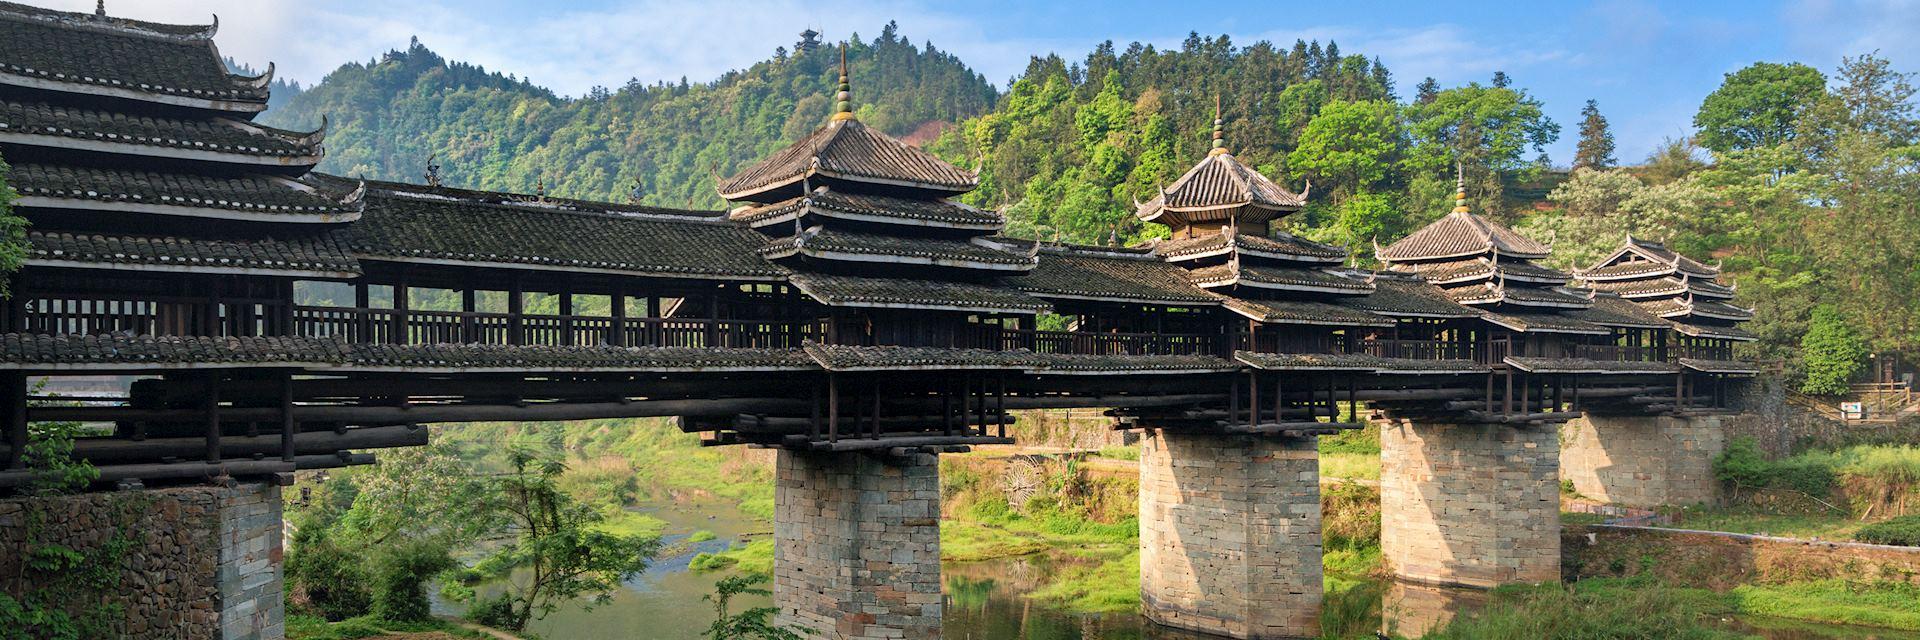 Wind and rain bridge, Chengyang